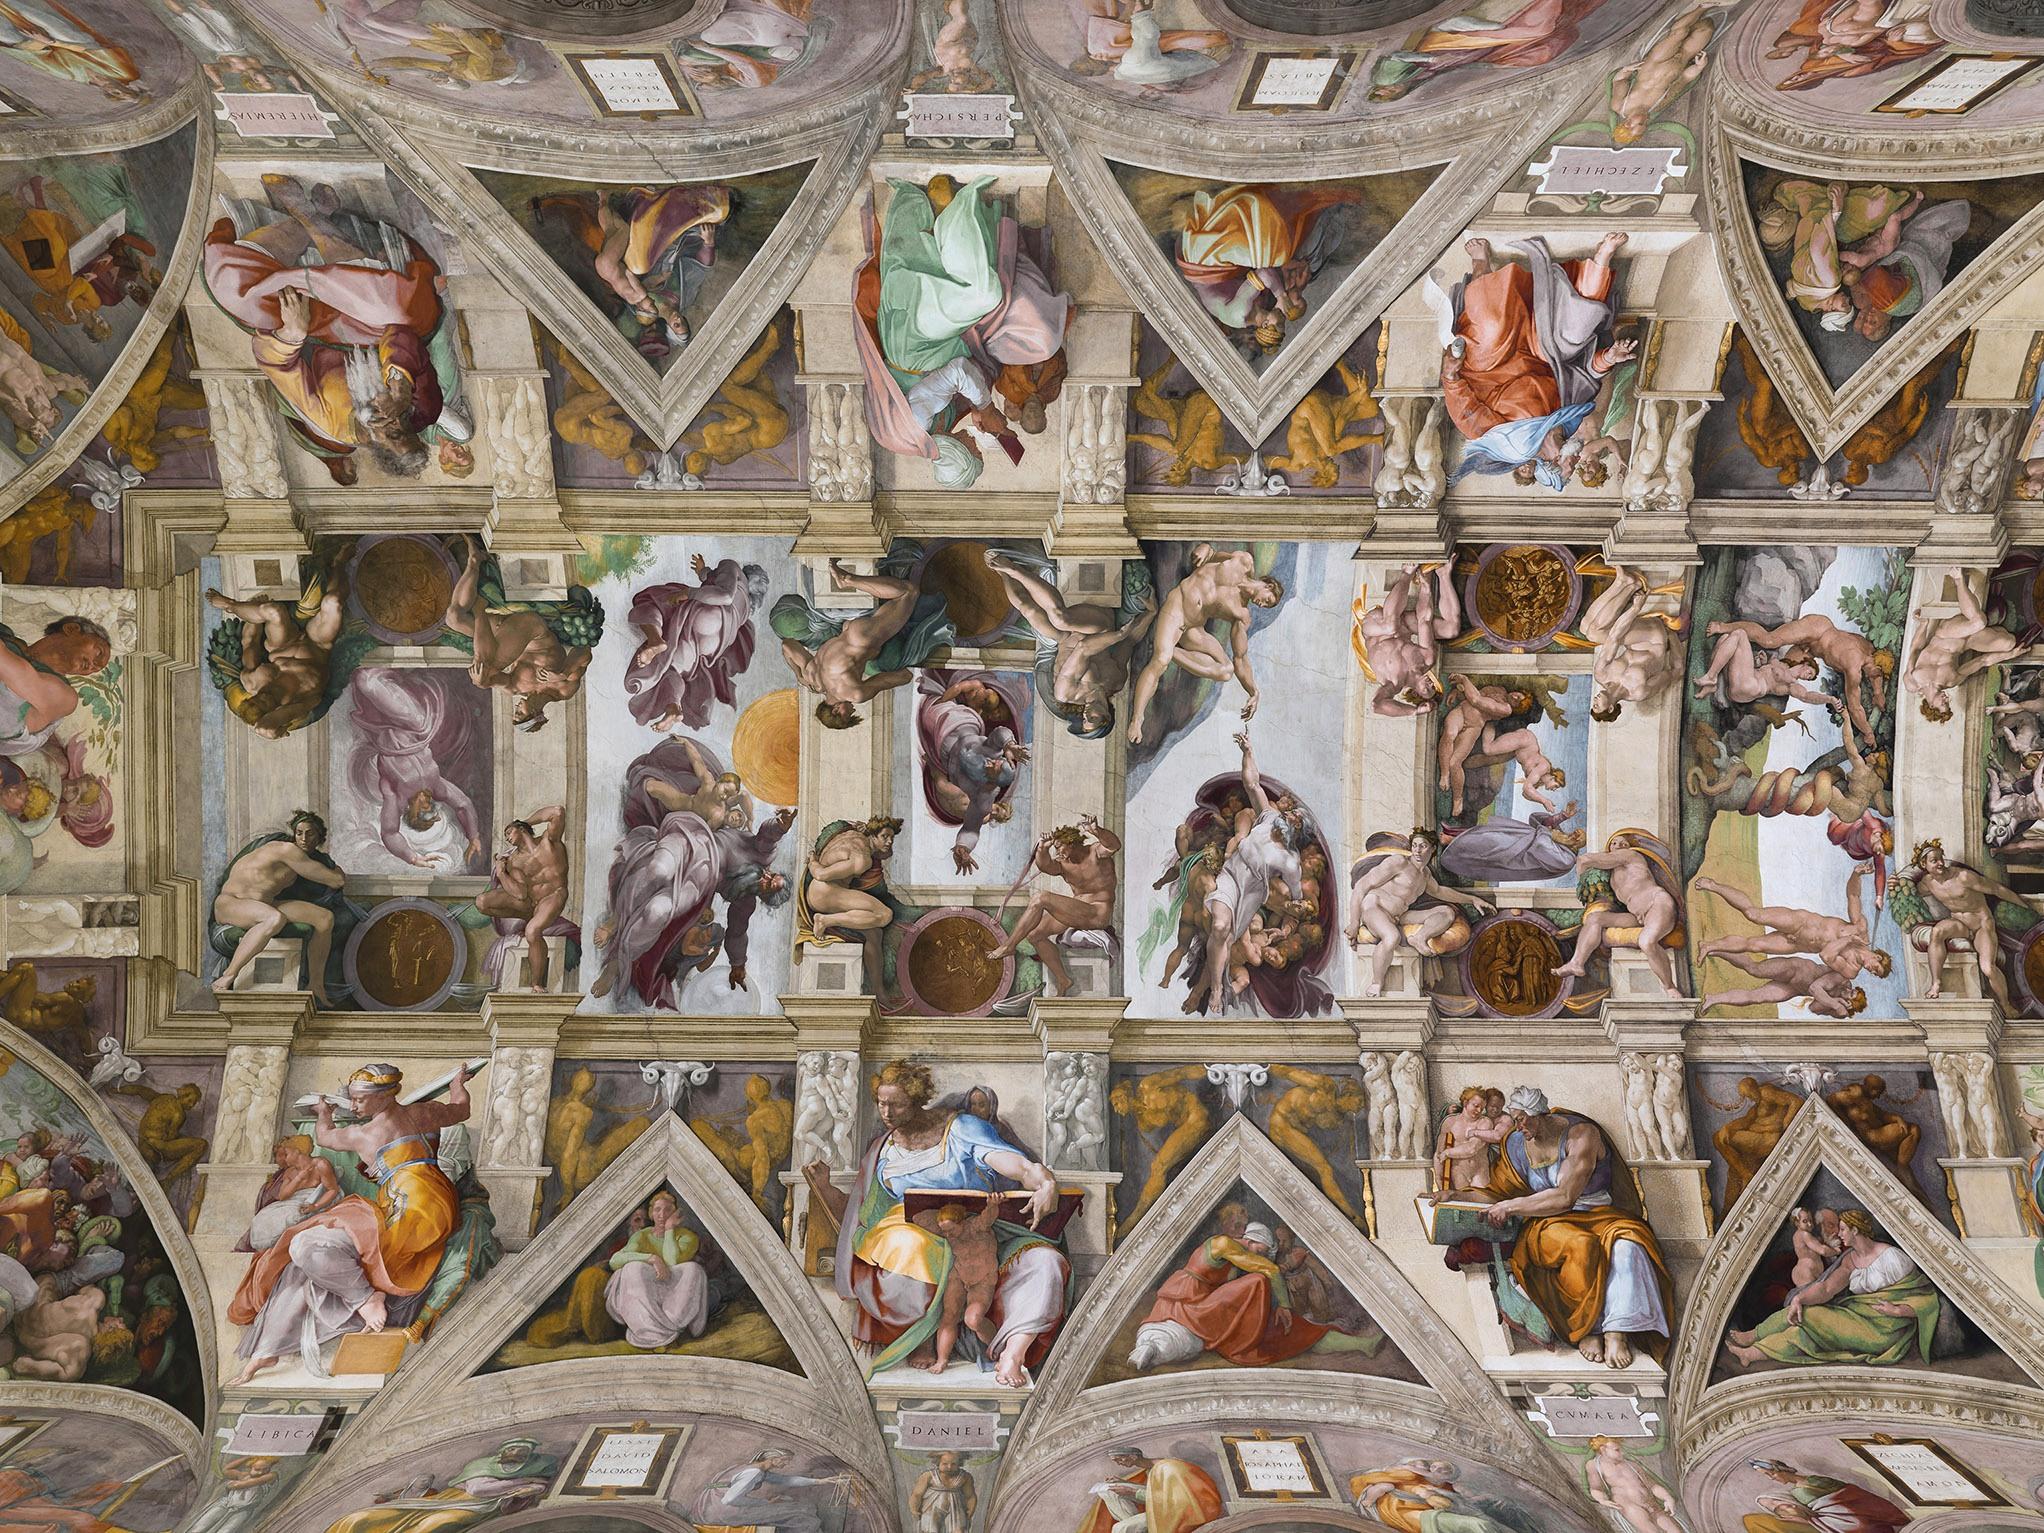 Michel-Ange, fresque, voûte de la Chapelle Sixtine, Vatican